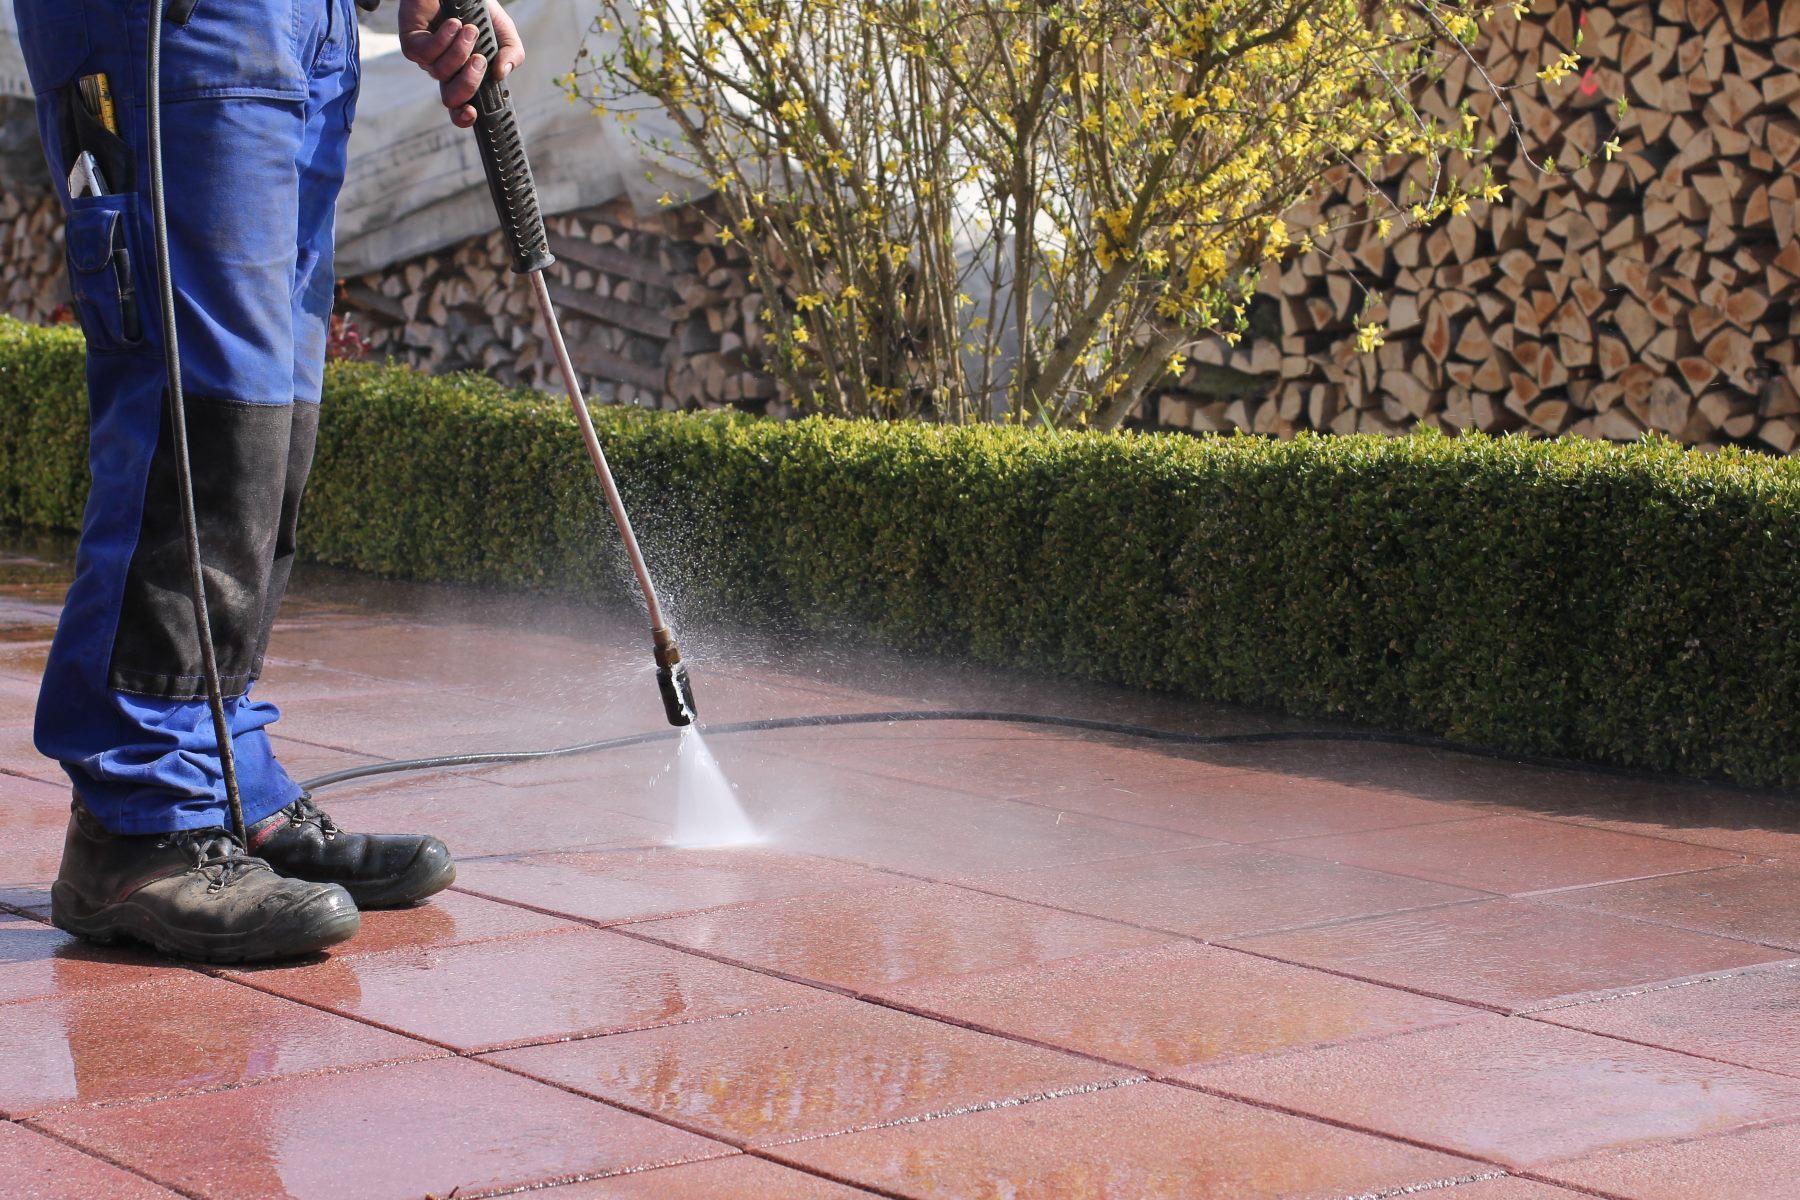 un uomo che pulisce un pavimento esterno con un'idropulitrice